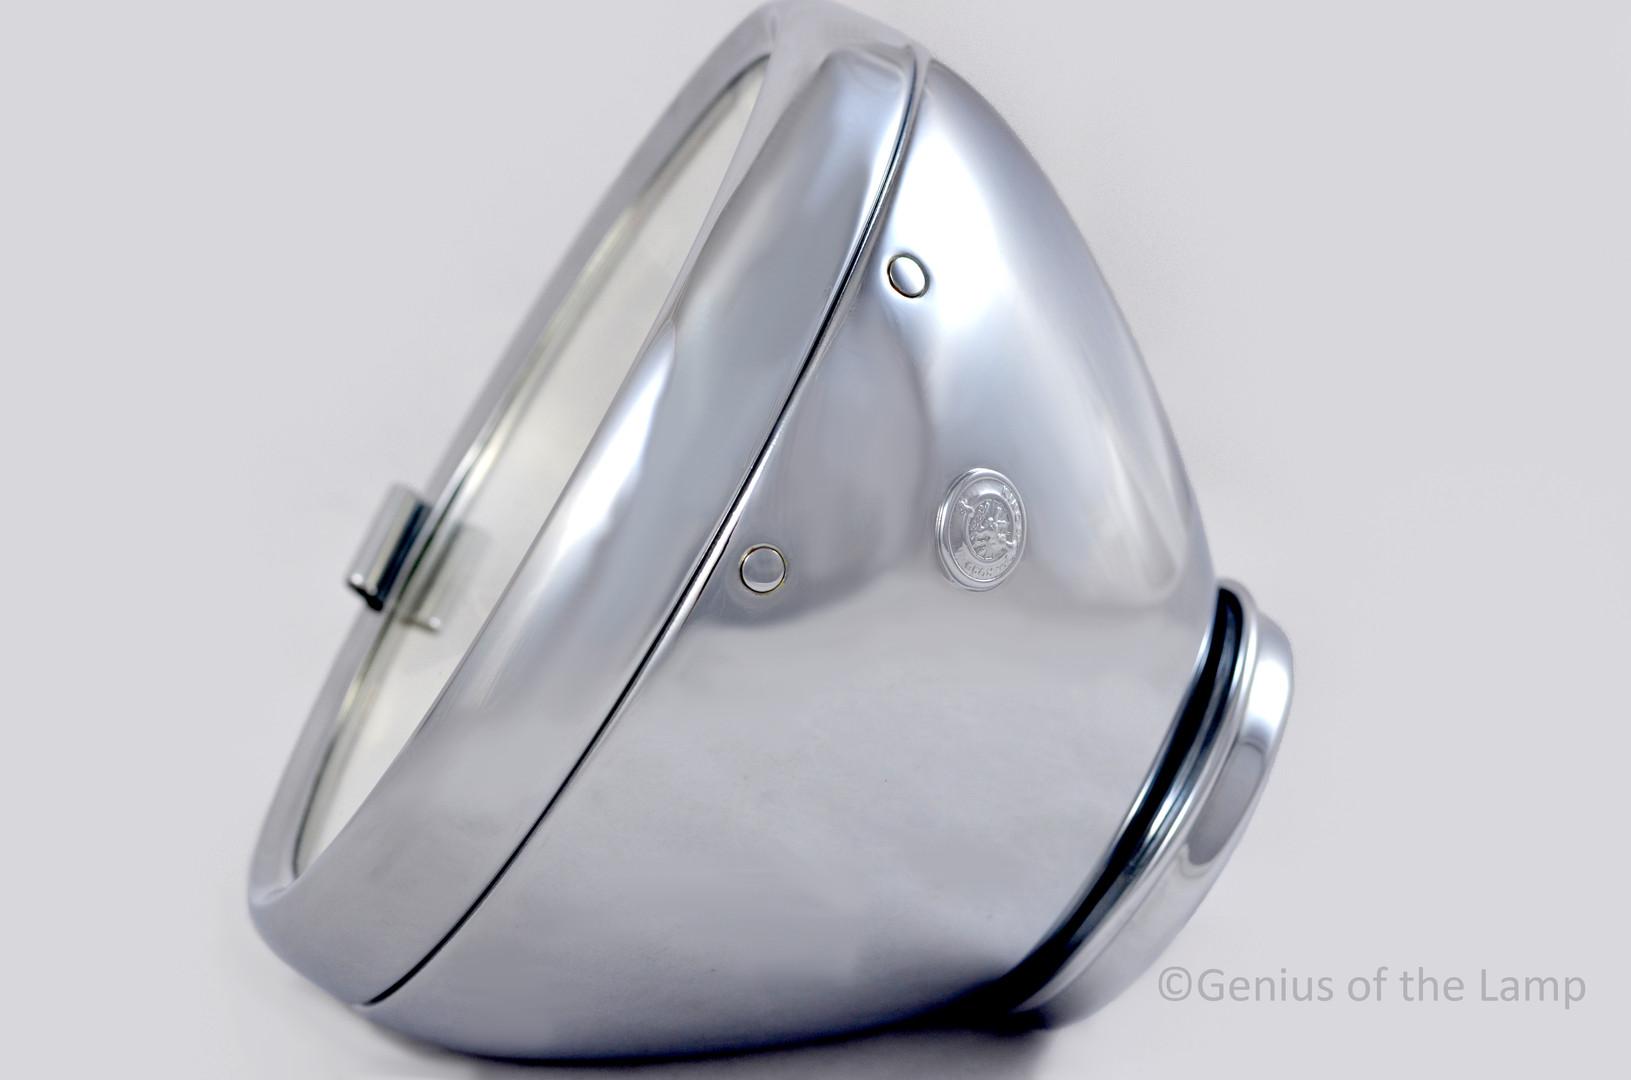 FT37 Lamp